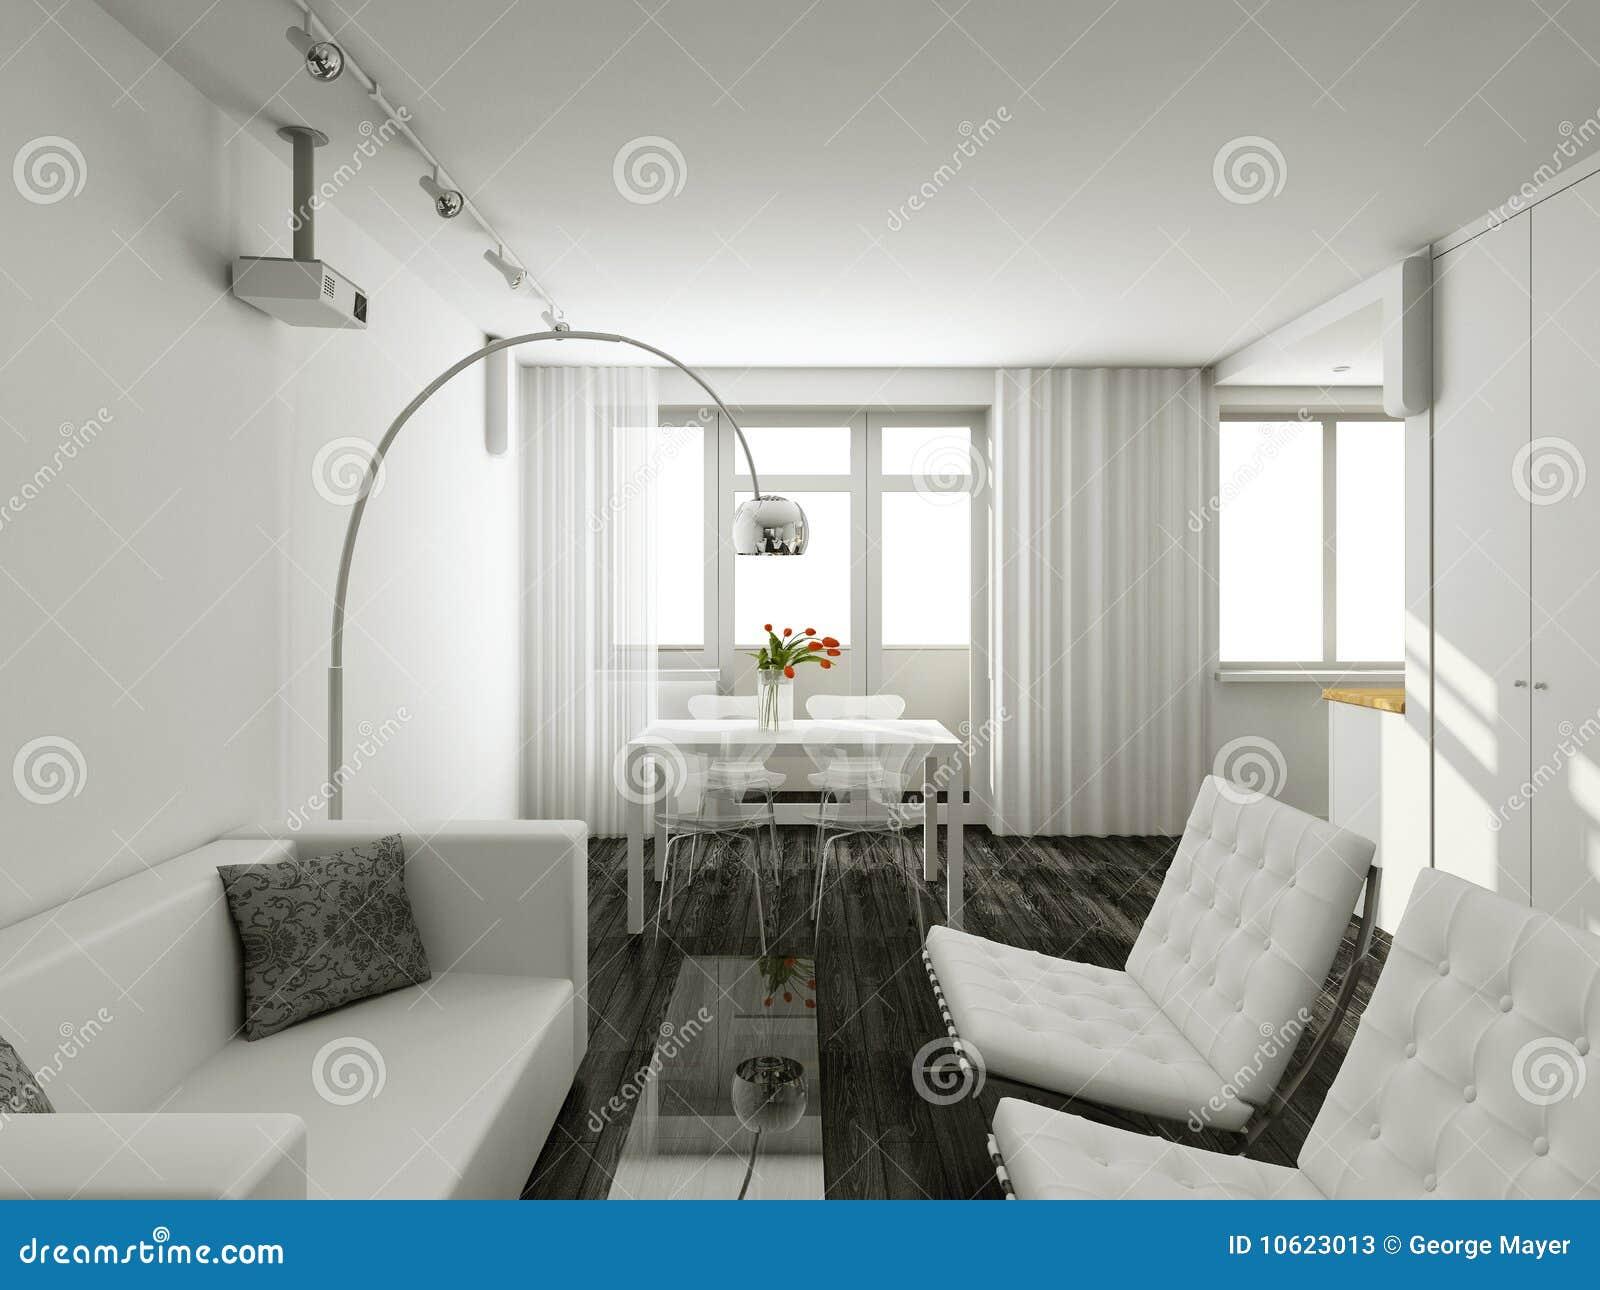 Accessoires woonkamer modern 123754 ontwerp inspiratie voor de badkamer en de - Woonkamer fotos ...